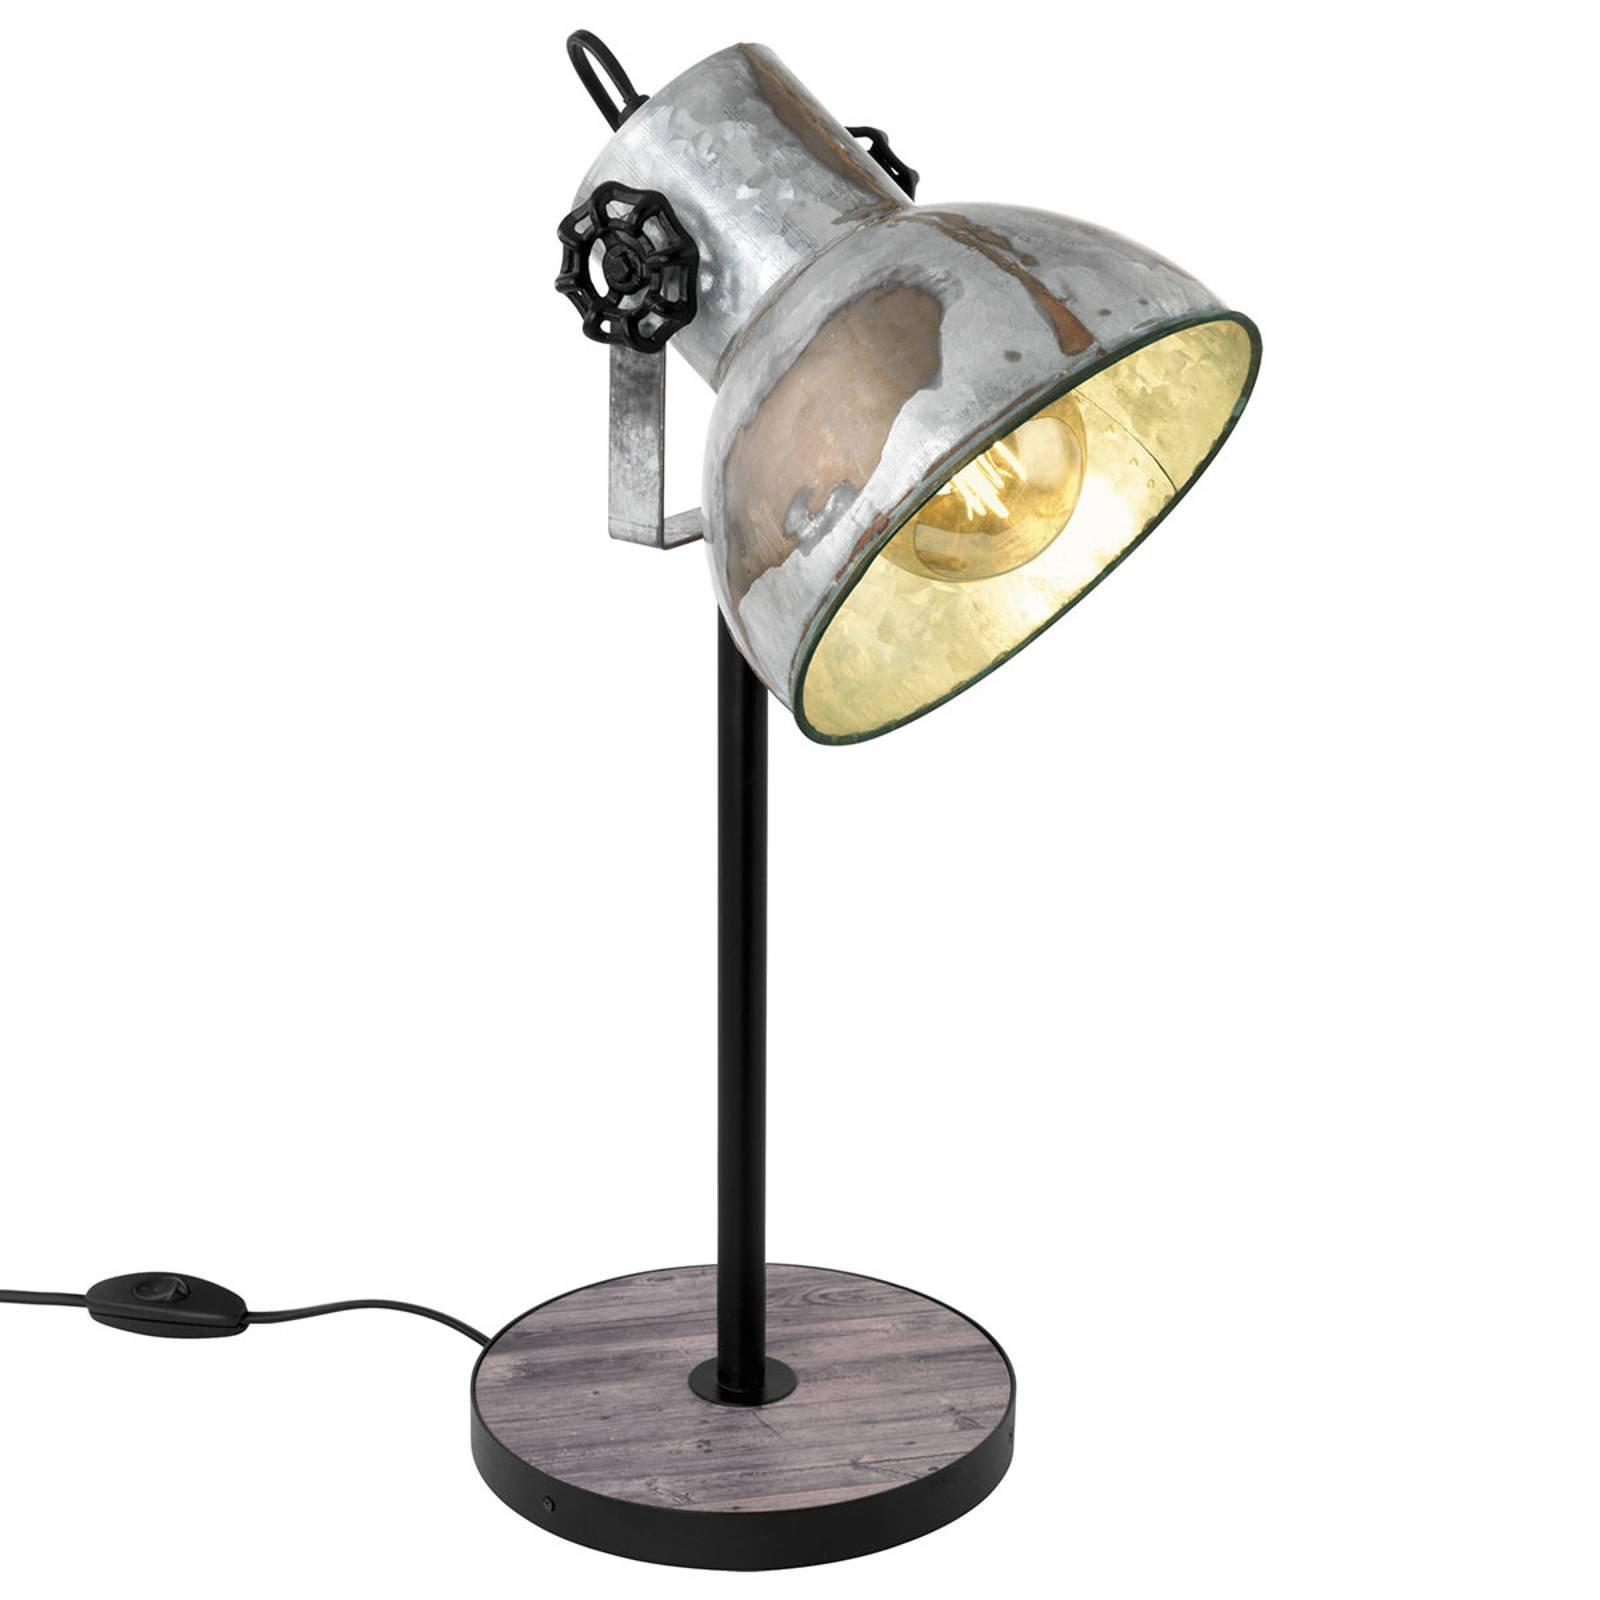 Bordlampe Barnstaple i industriell stil